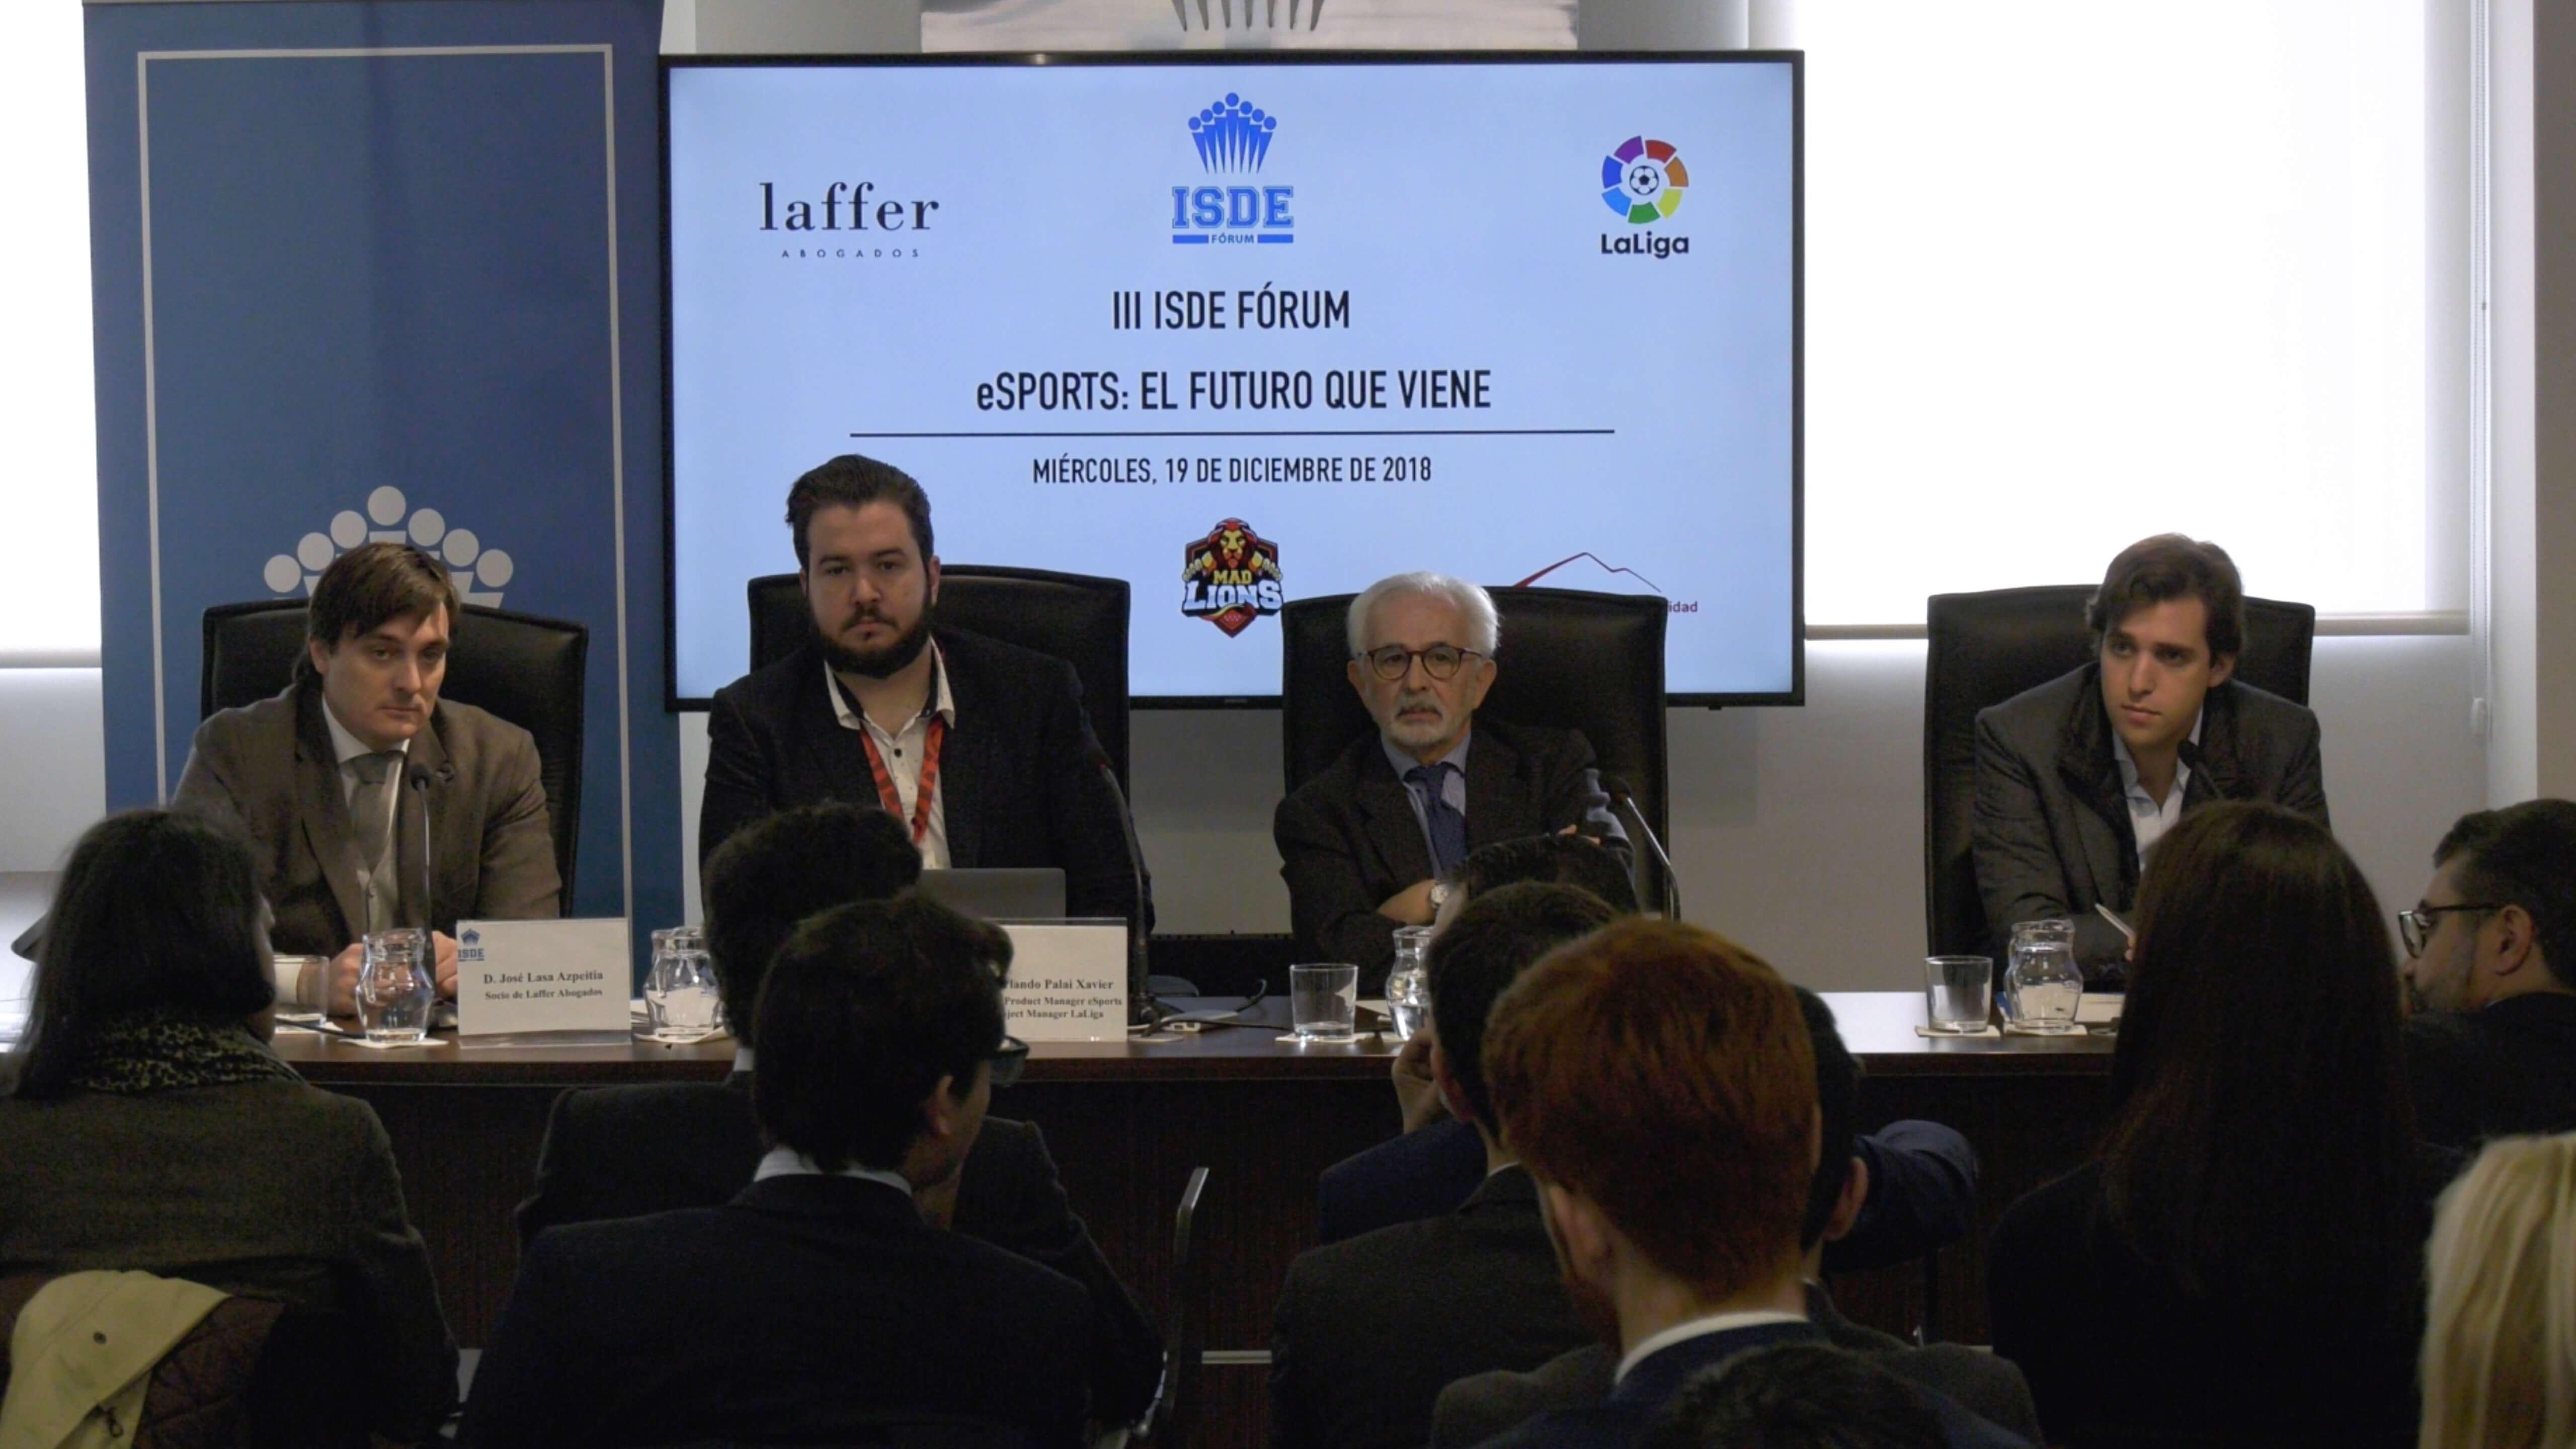 iii isde forum